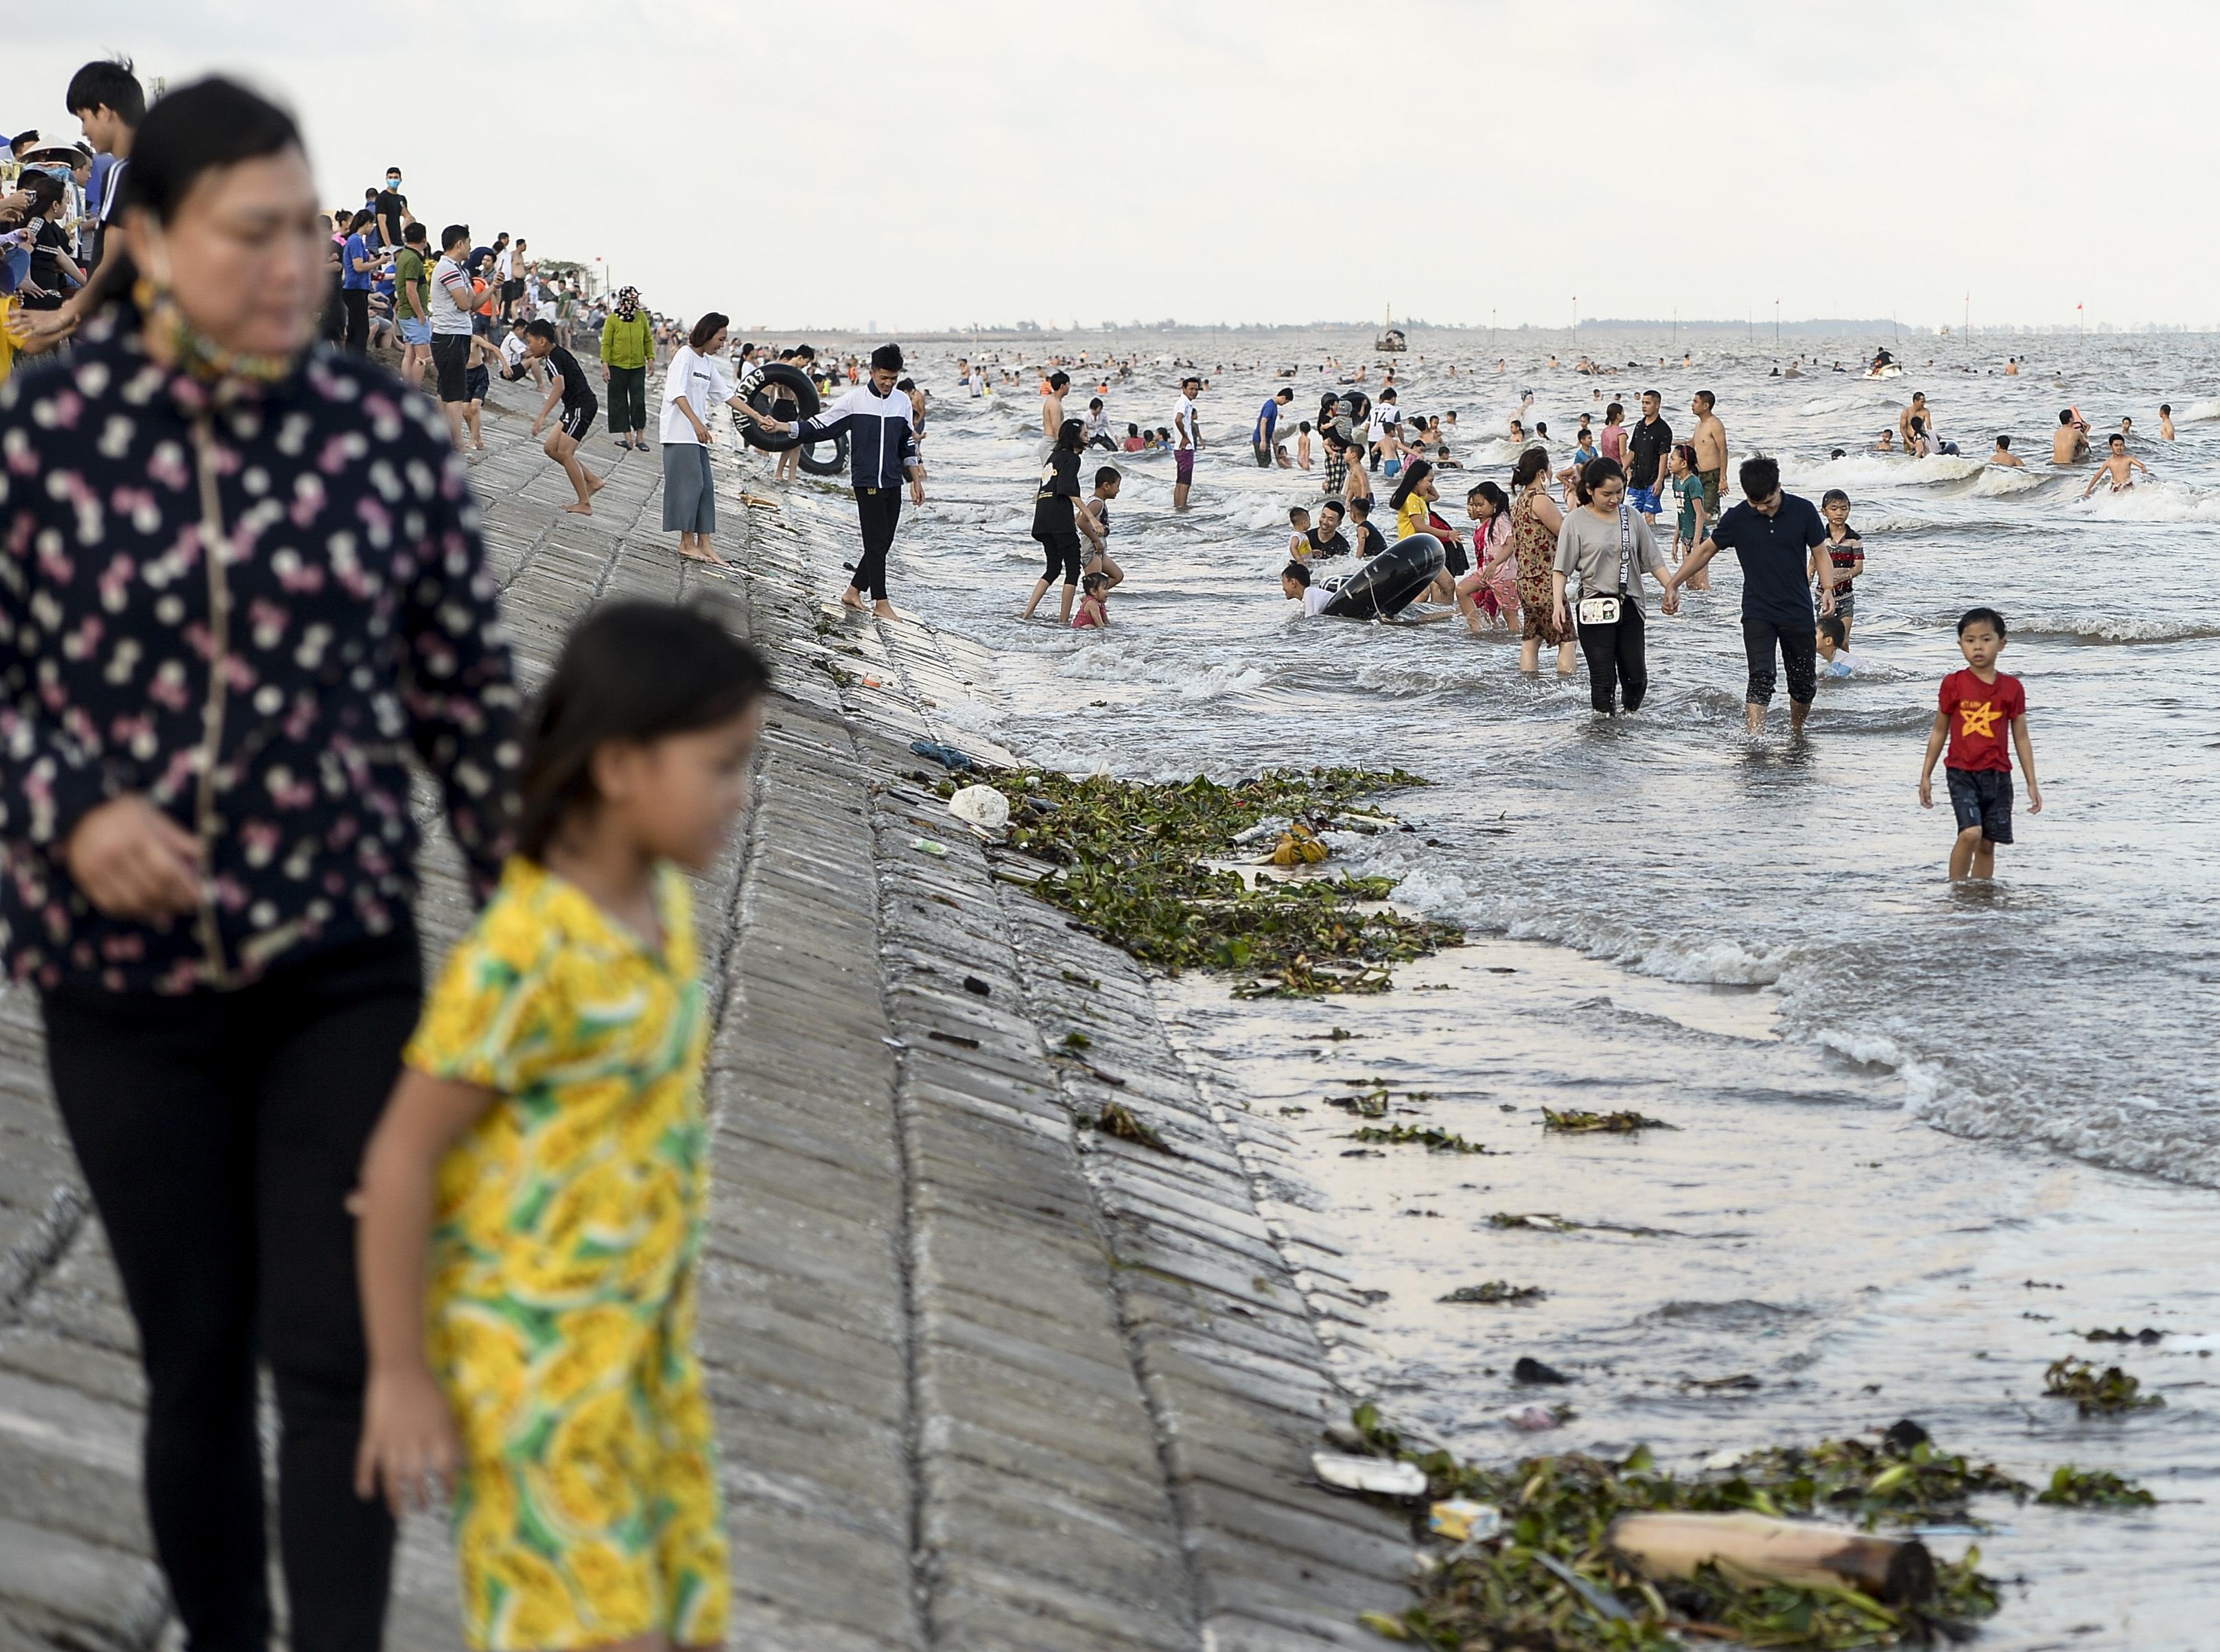 Ngày thứ 3 dịp nghỉ lễ, bãi biển Quất Lâm đông kín người, du khách tắm chung bèo, rác - Ảnh 14.